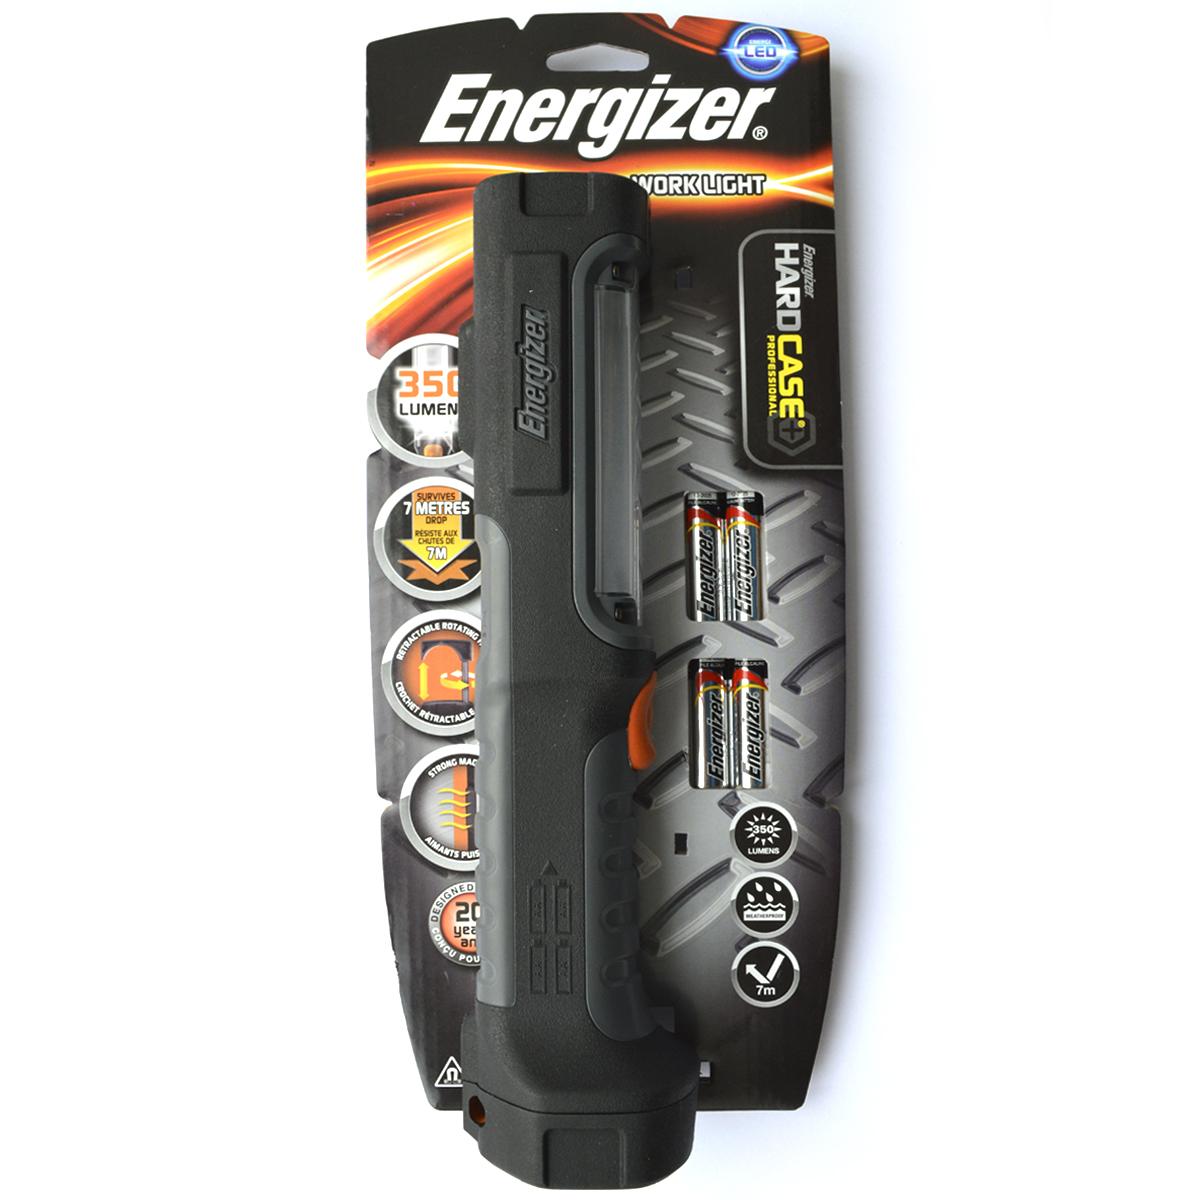 Фонарь ручной Energizer HardCase Pro Work Lig. 639825KOCAc6009LED6 сверхярких светодиодаИсключительная ударопрочность — устойчив к падению с высоты до 7 метровВыдвижной крючок для подвешиванияВстроенные магнитные крепления для полной свободы рукНебьющиеся линзыВысокая прочность и надежностьИсключительно длительный срок службы — 20 летВ комплект входят 4 батарейки типоразмера AA